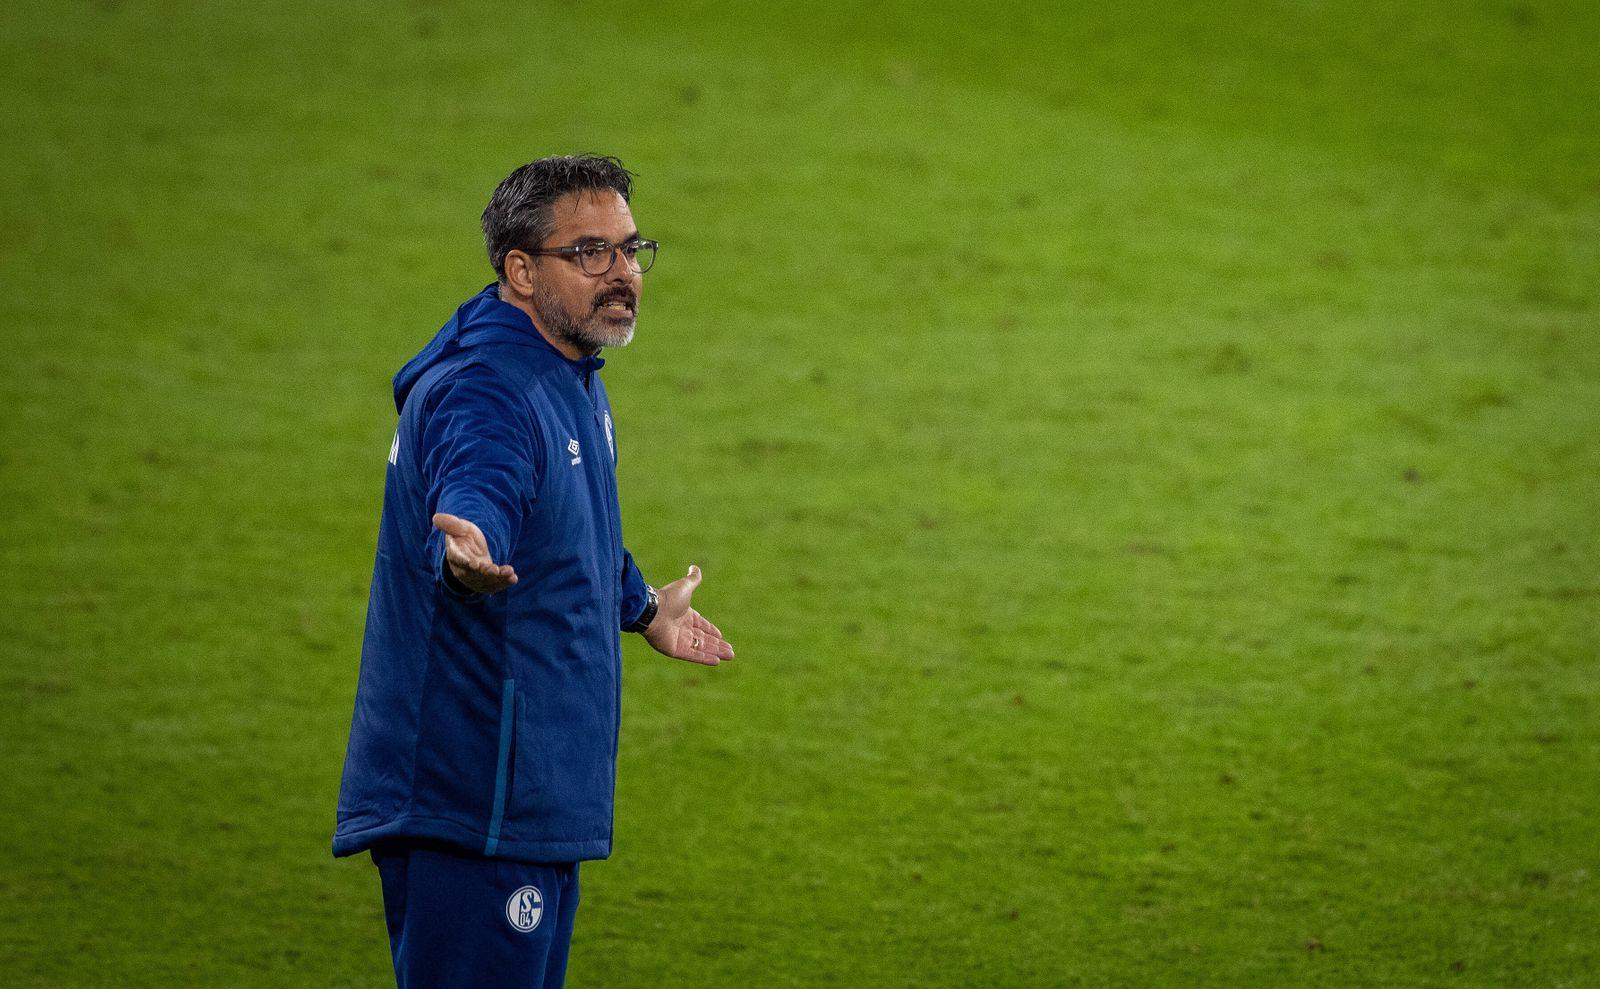 Trainer David Wagner (S04) Schalke 04 - Werder Bremen 26.09.2020, Fussball, Training; 1. Bundesliga, Saison 2020/21 Fot